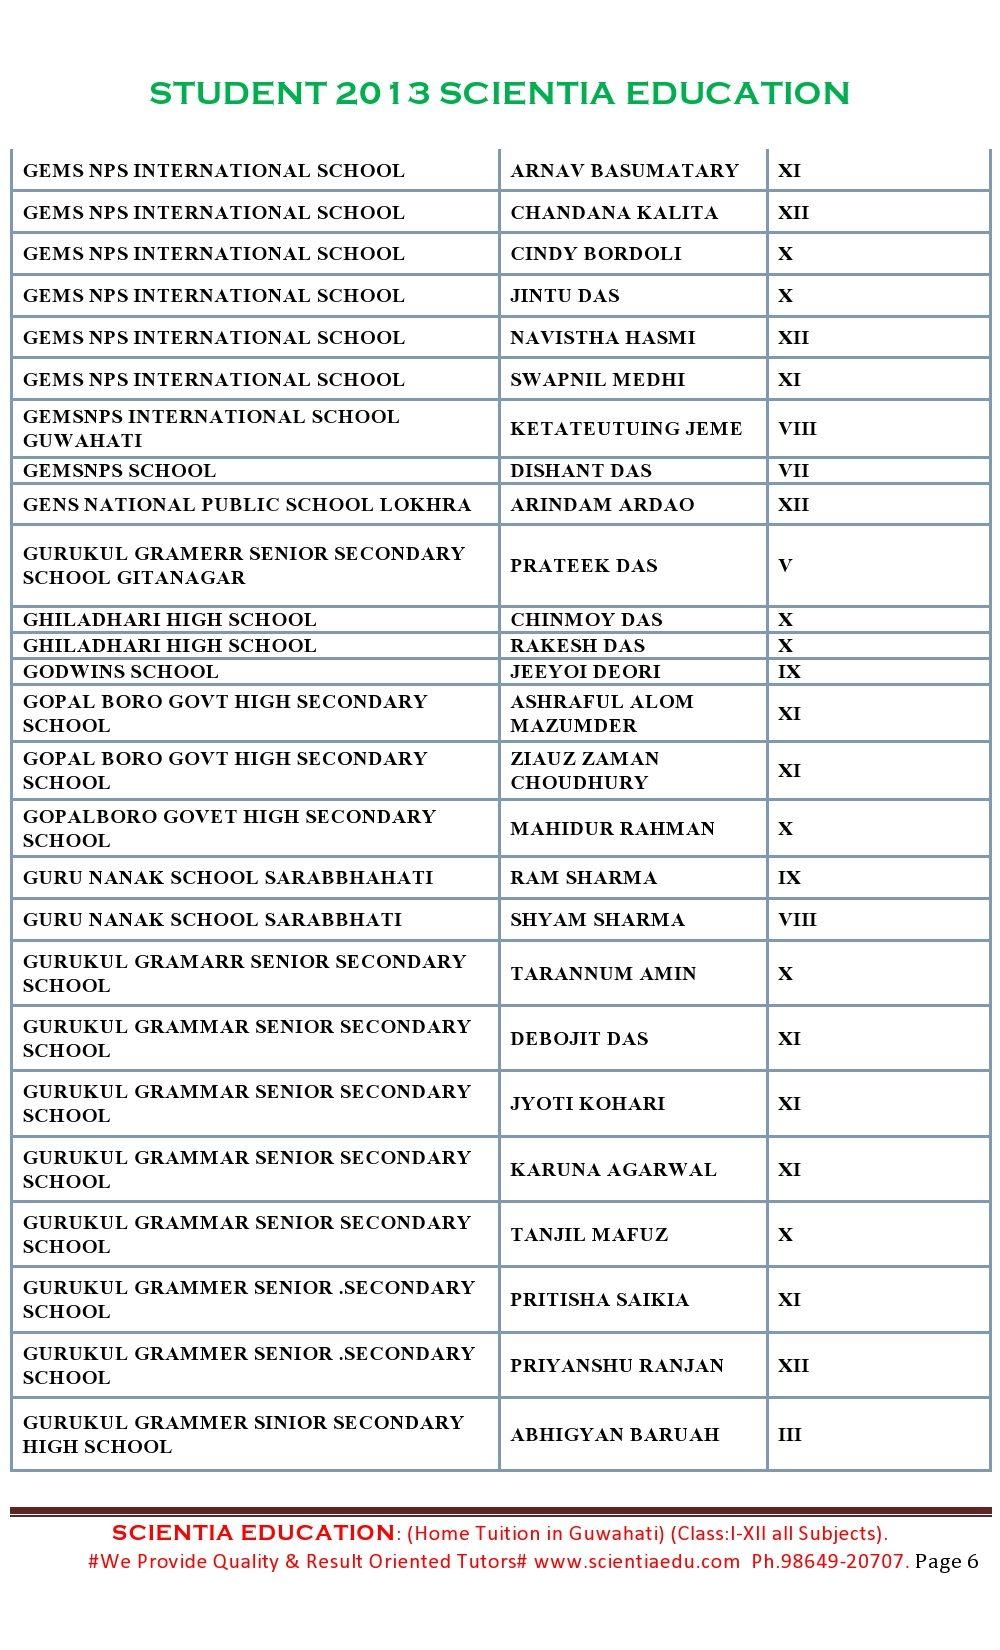 STUDENT 2013 SCIENTIA EDUCATION 6